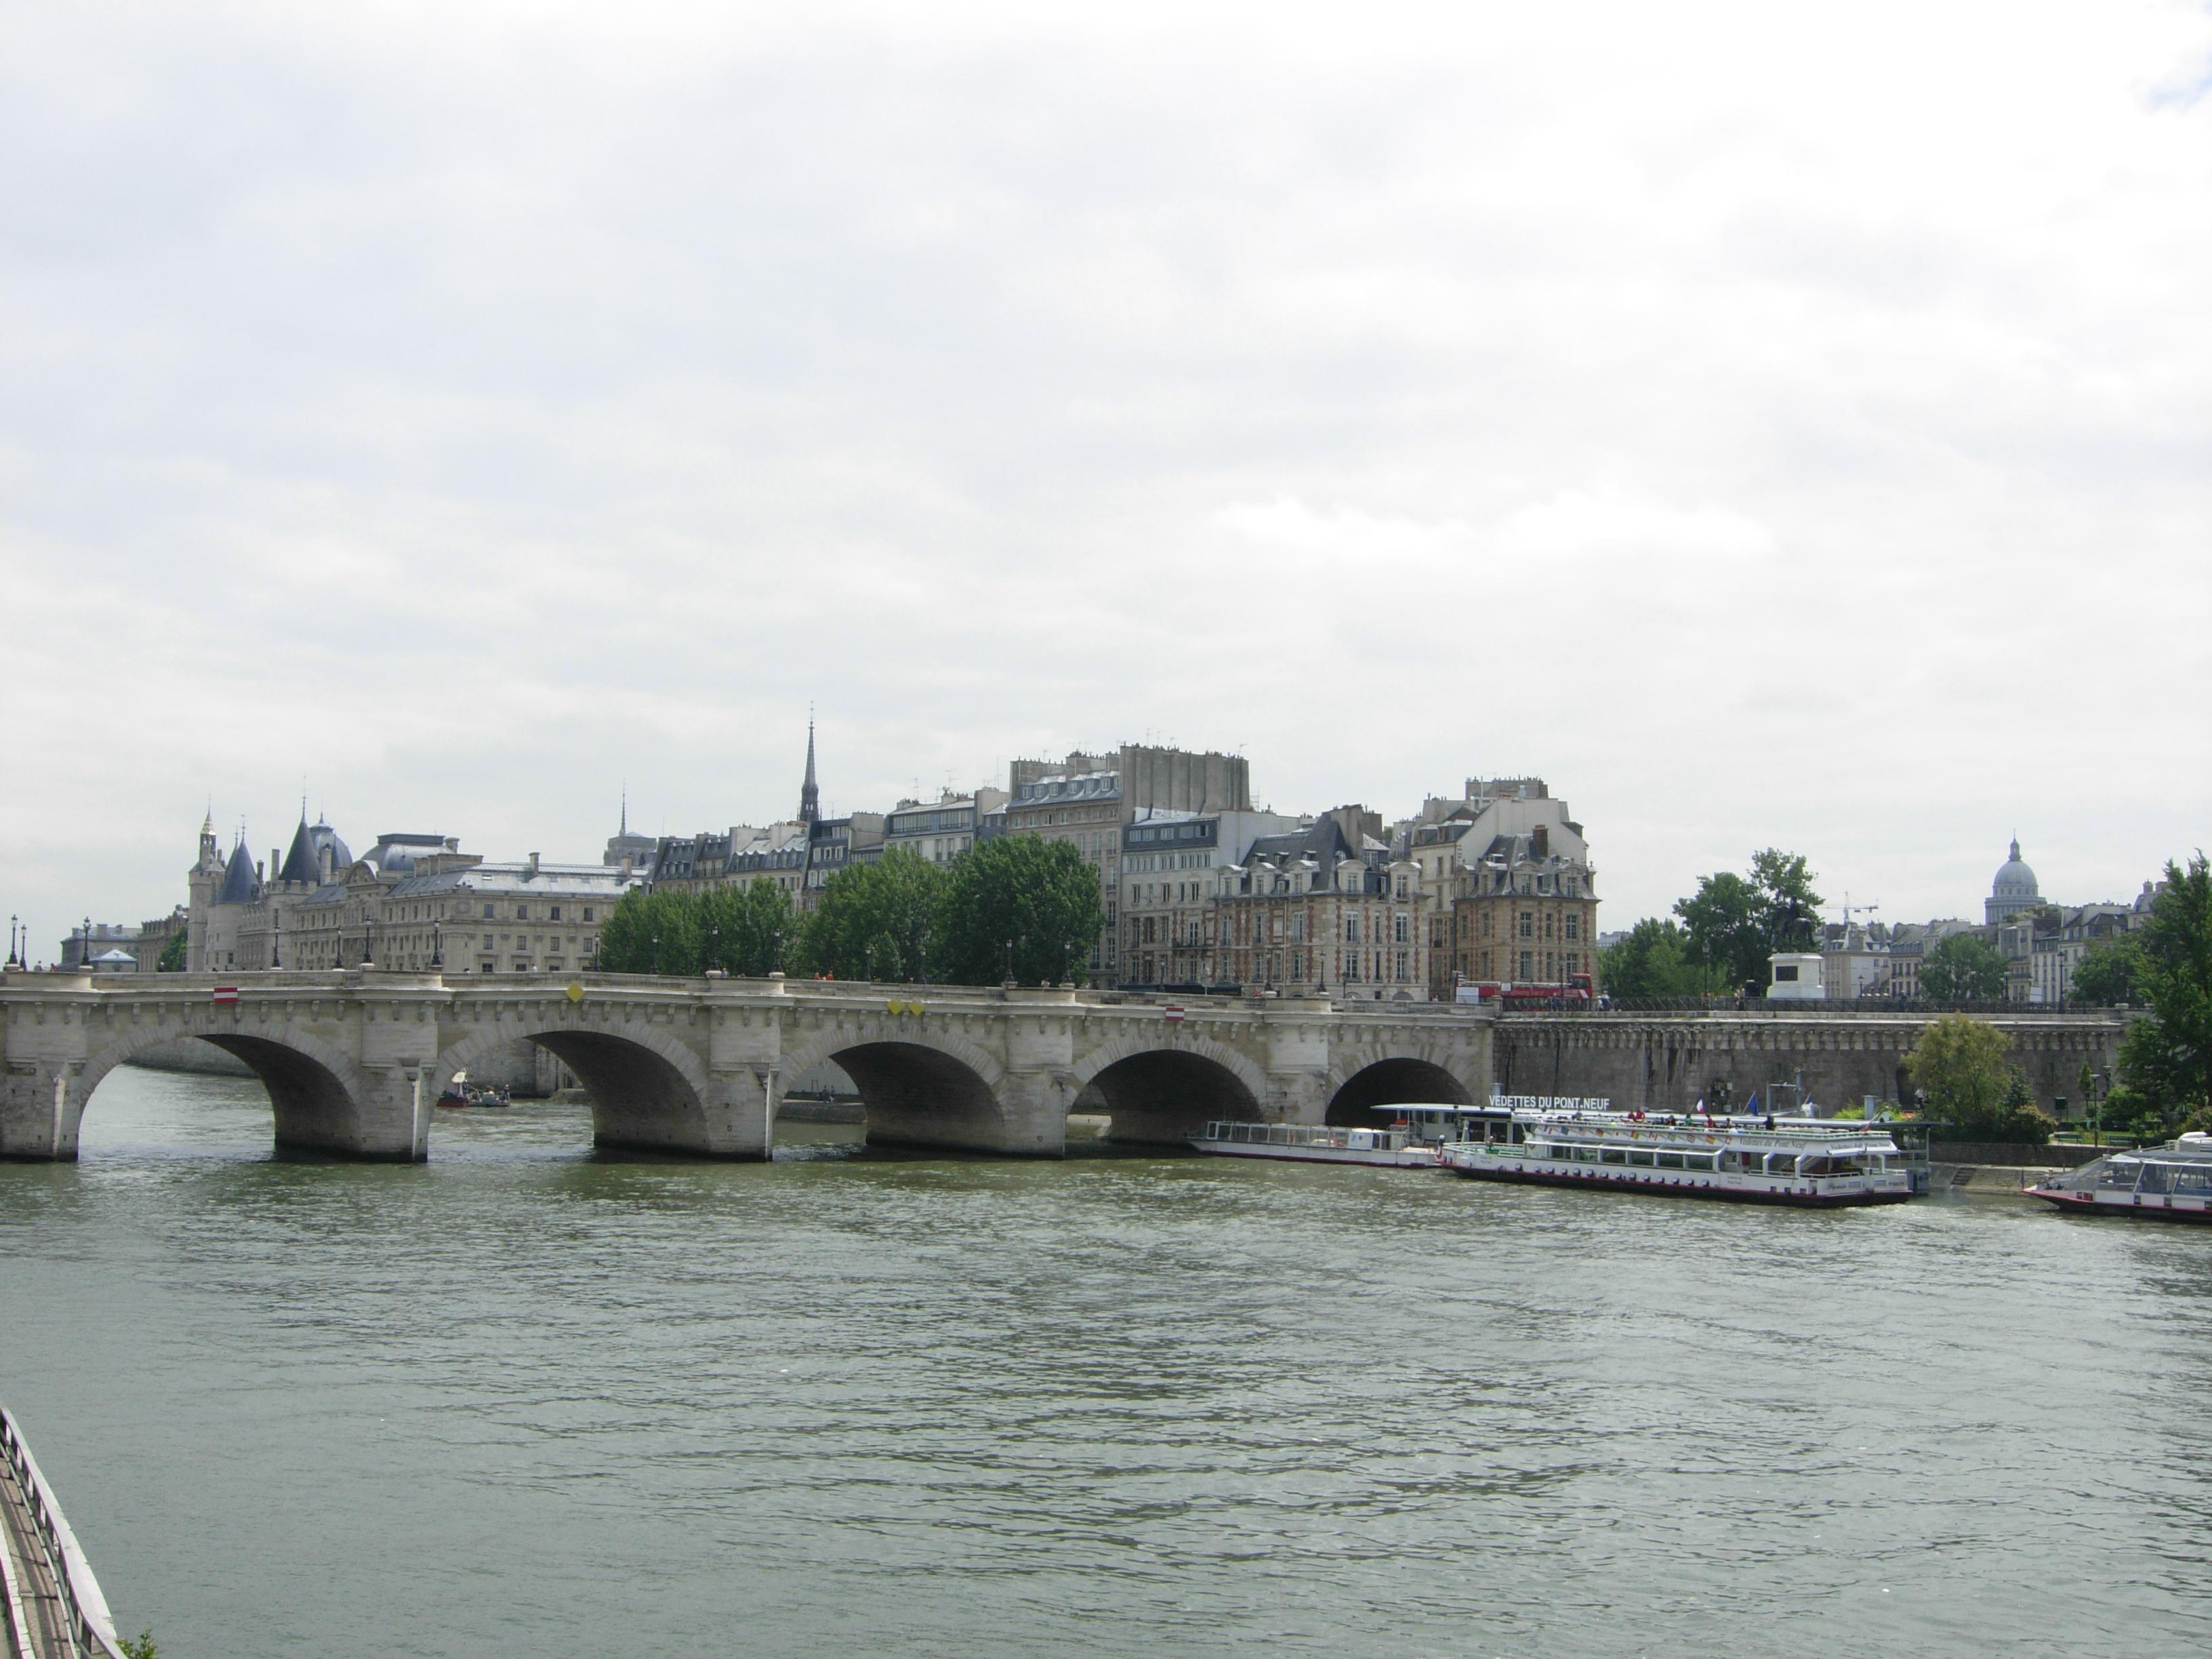 文化巴黎的魅力——卢浮宫、凯旋门……_图1-6